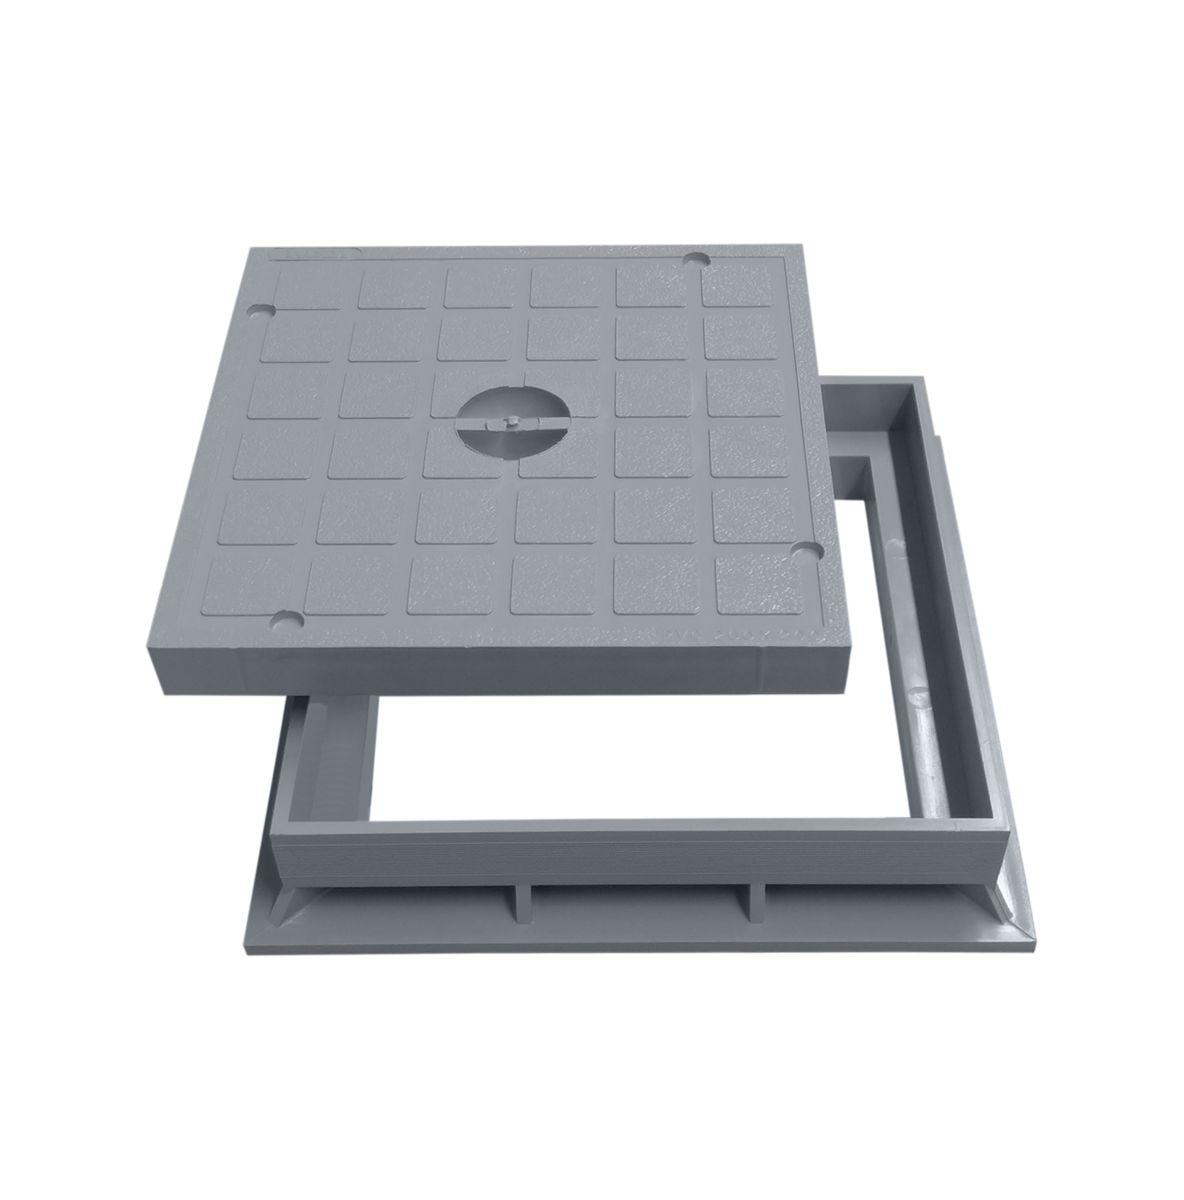 Rahmen für Schachtdeckel 200x200mm Einlaufschacht Schacht Deckel Kanaldeckel